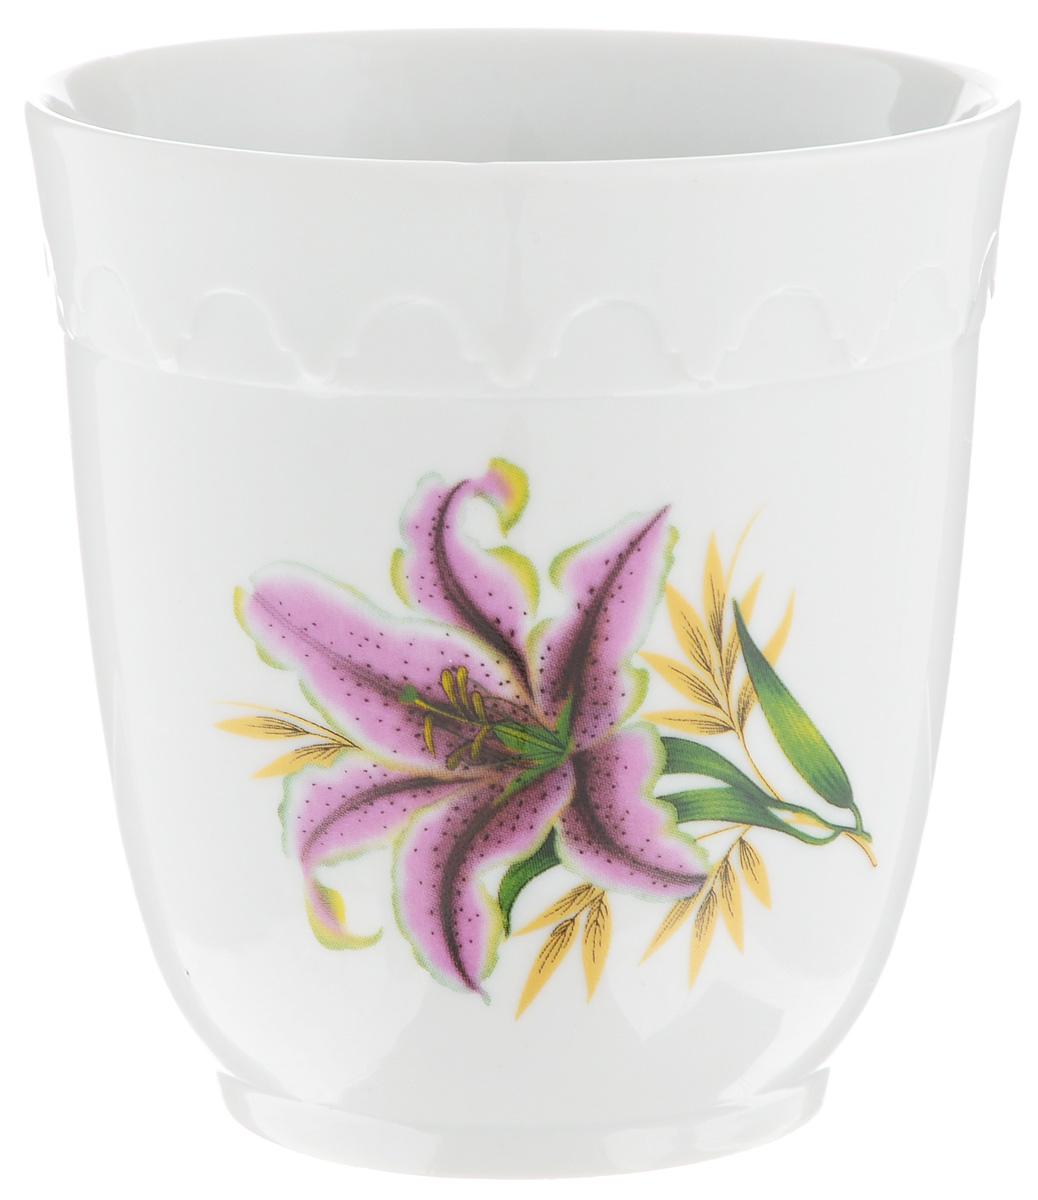 Кружка Фарфор Вербилок Арабеска. Розовая лилия, без ручки, 250 мл14141990Кружка Фарфор Вербилок Арабеска. Розовая лилия способна скрасить любое чаепитие. Изделие выполнено из высококачественного фарфора. Посуда из такого материала позволяет сохранить истинный вкус напитка, а также помогает ему дольше оставаться теплым. Диаметр по верхнему краю: 8 см. Высота кружки: 8,5 см.